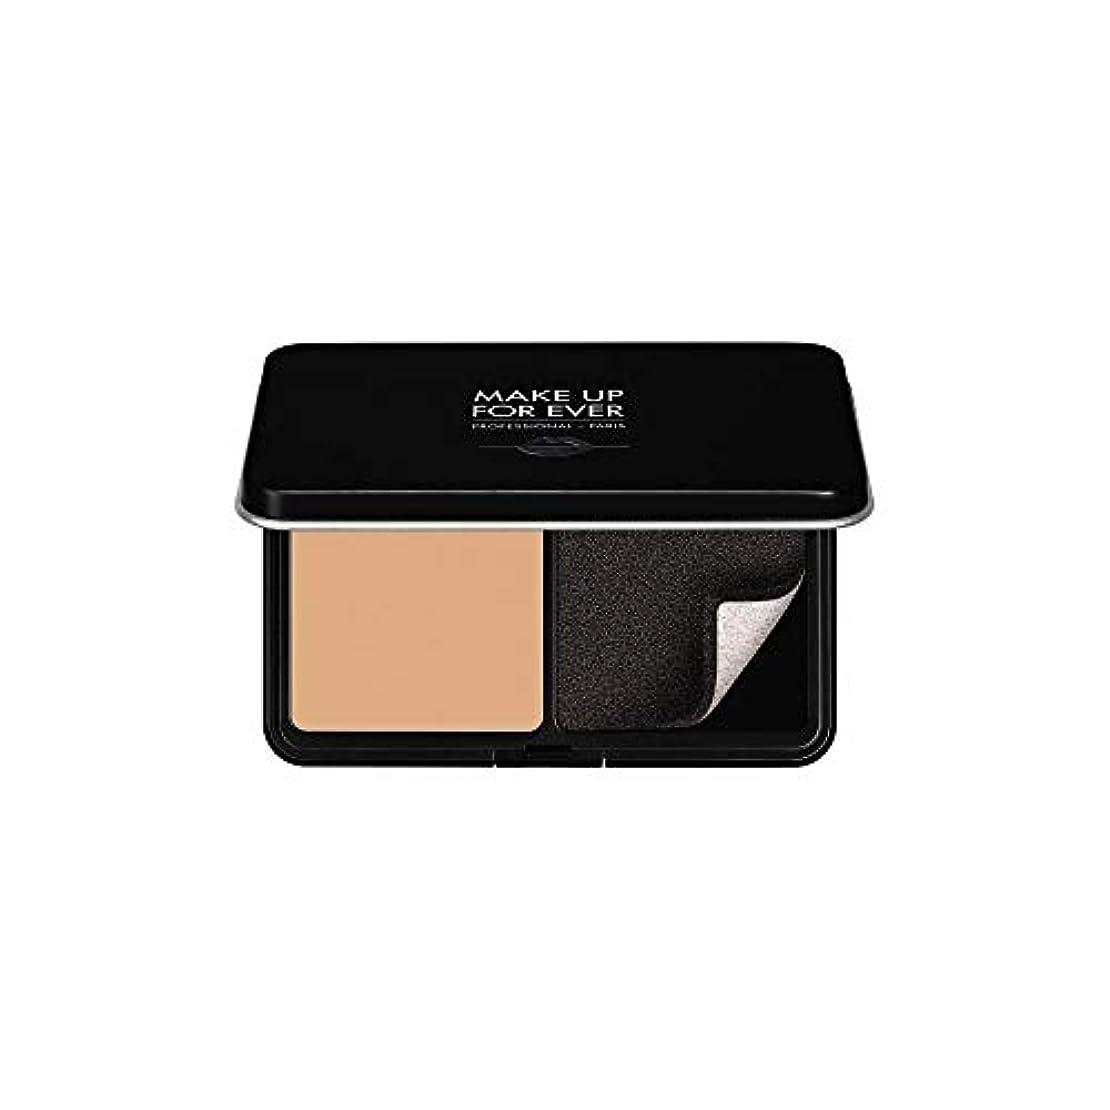 巻き戻すグレートバリアリーフ火山学メイクアップフォーエバー Matte Velvet Skin Blurring Powder Foundation - # R260 (Pink Beige) 11g/0.38oz並行輸入品